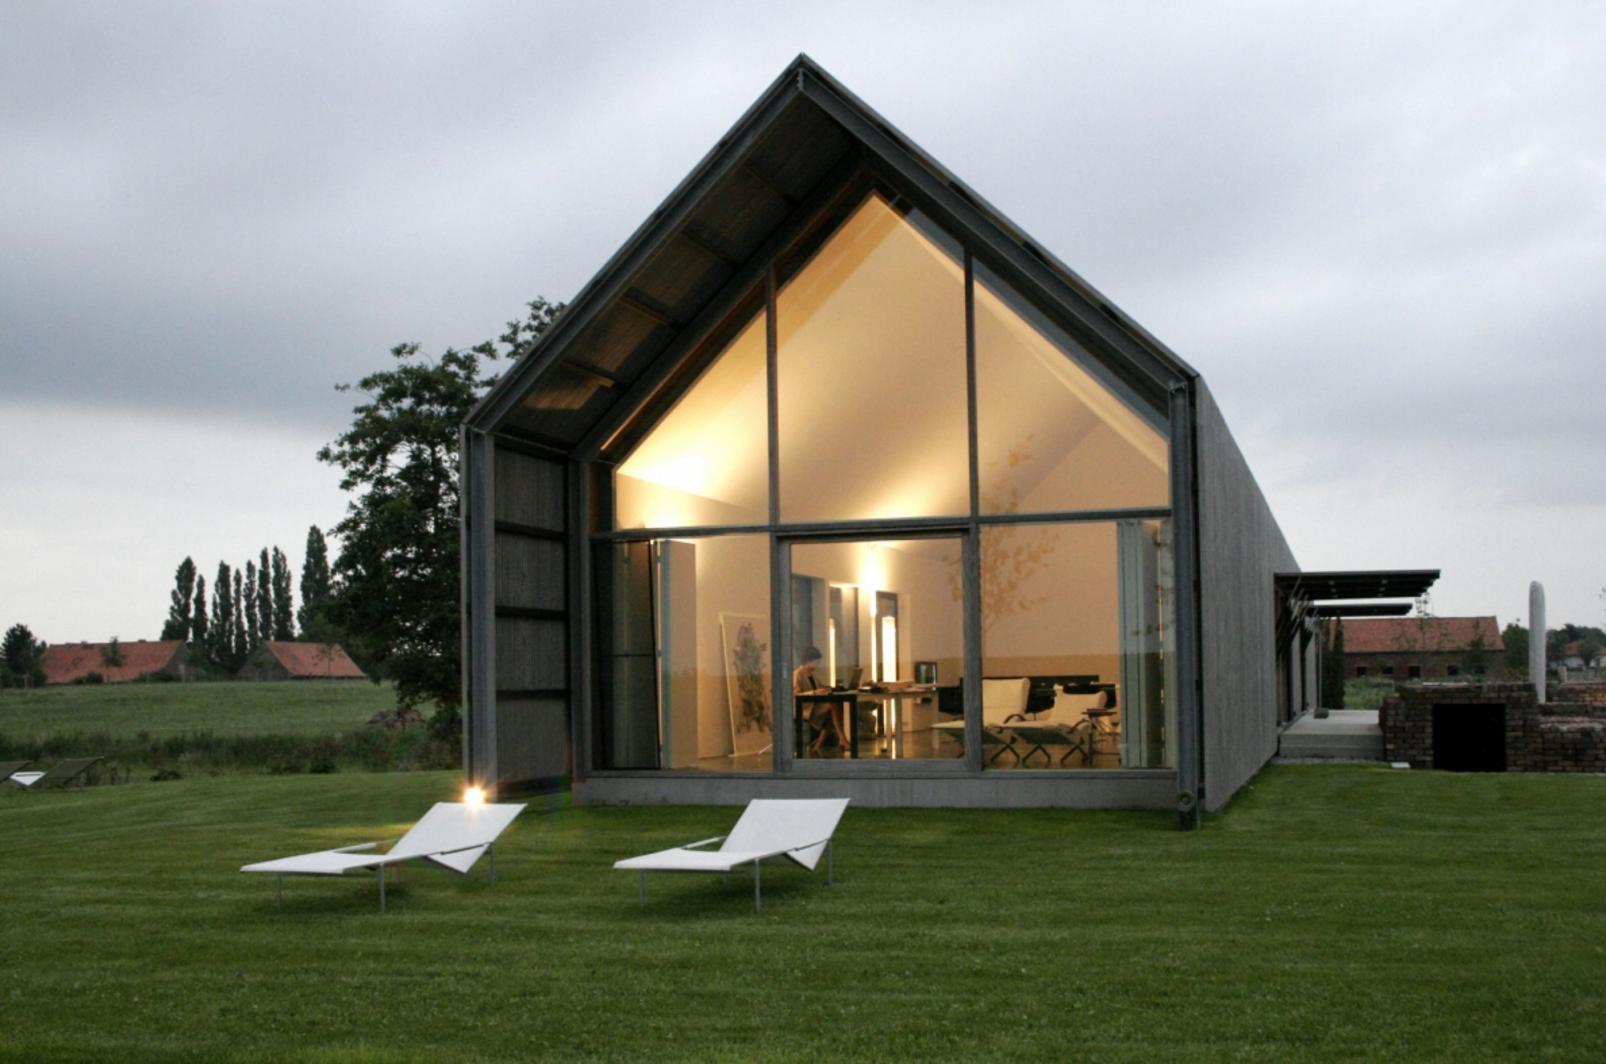 Een prachtig gerenoveerde hoeve in een modern stijl schuur